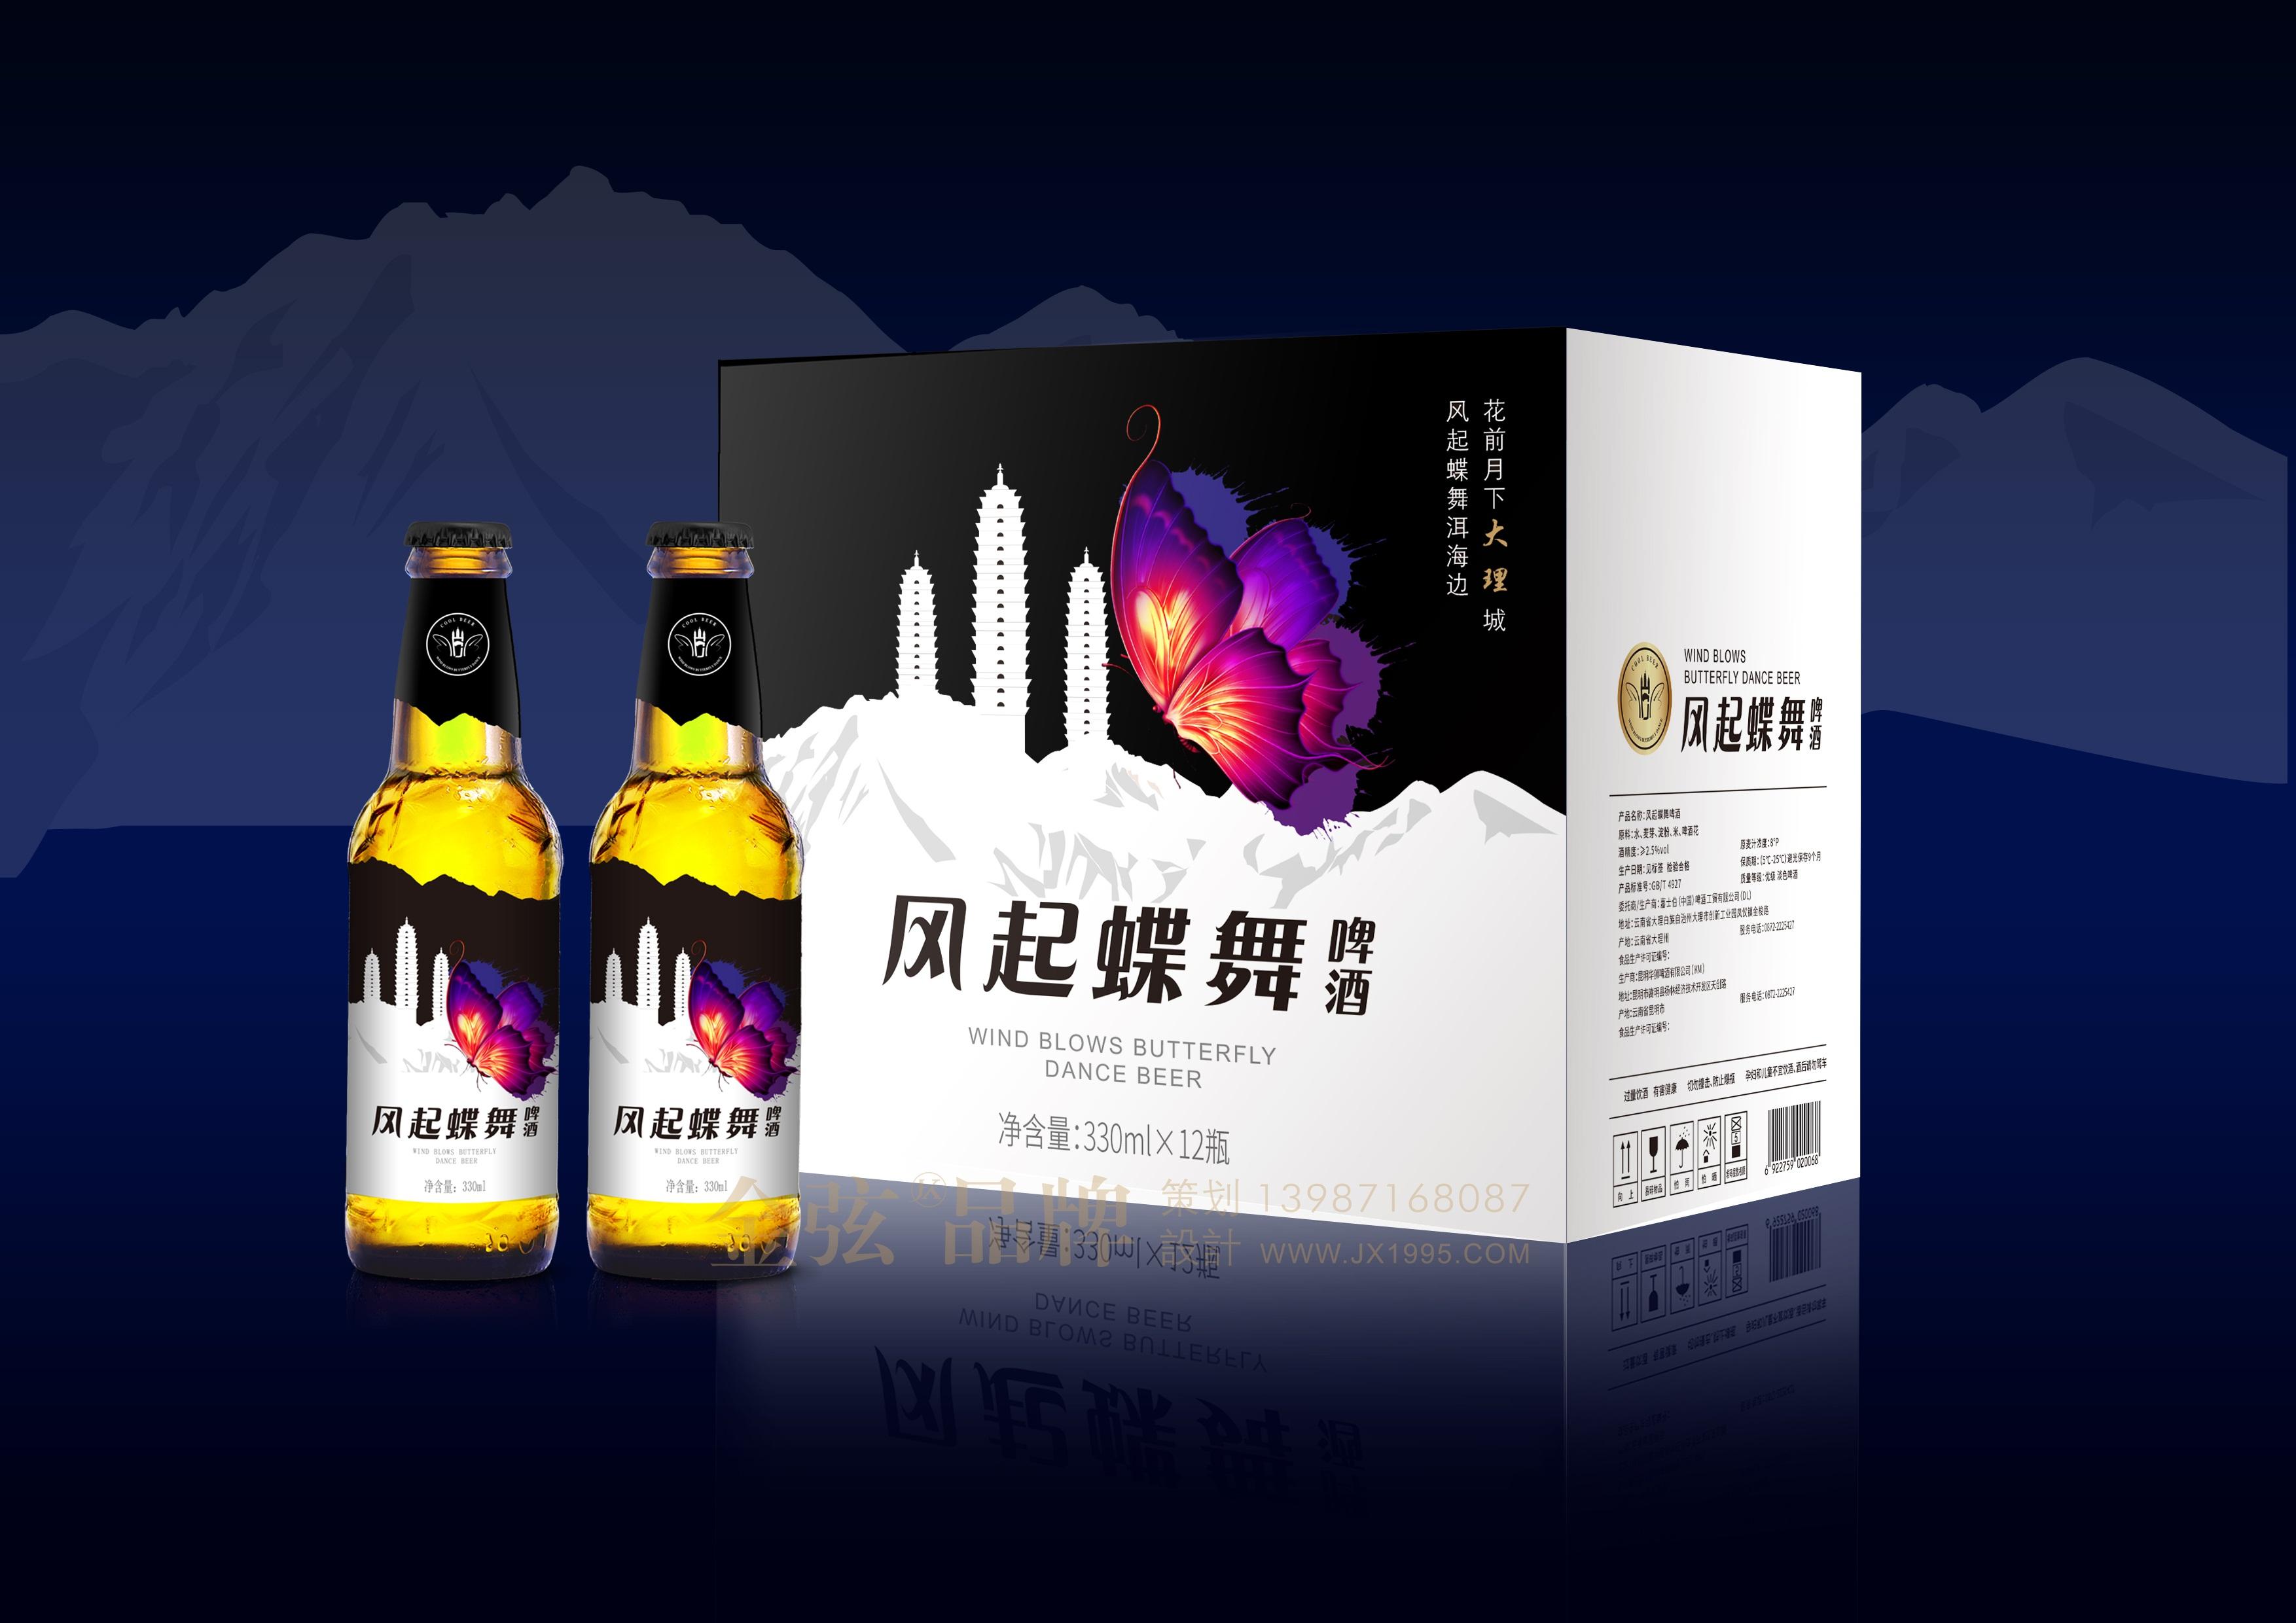 风起蝶舞啤酒包装设计 包装设计 客户资料  第9张